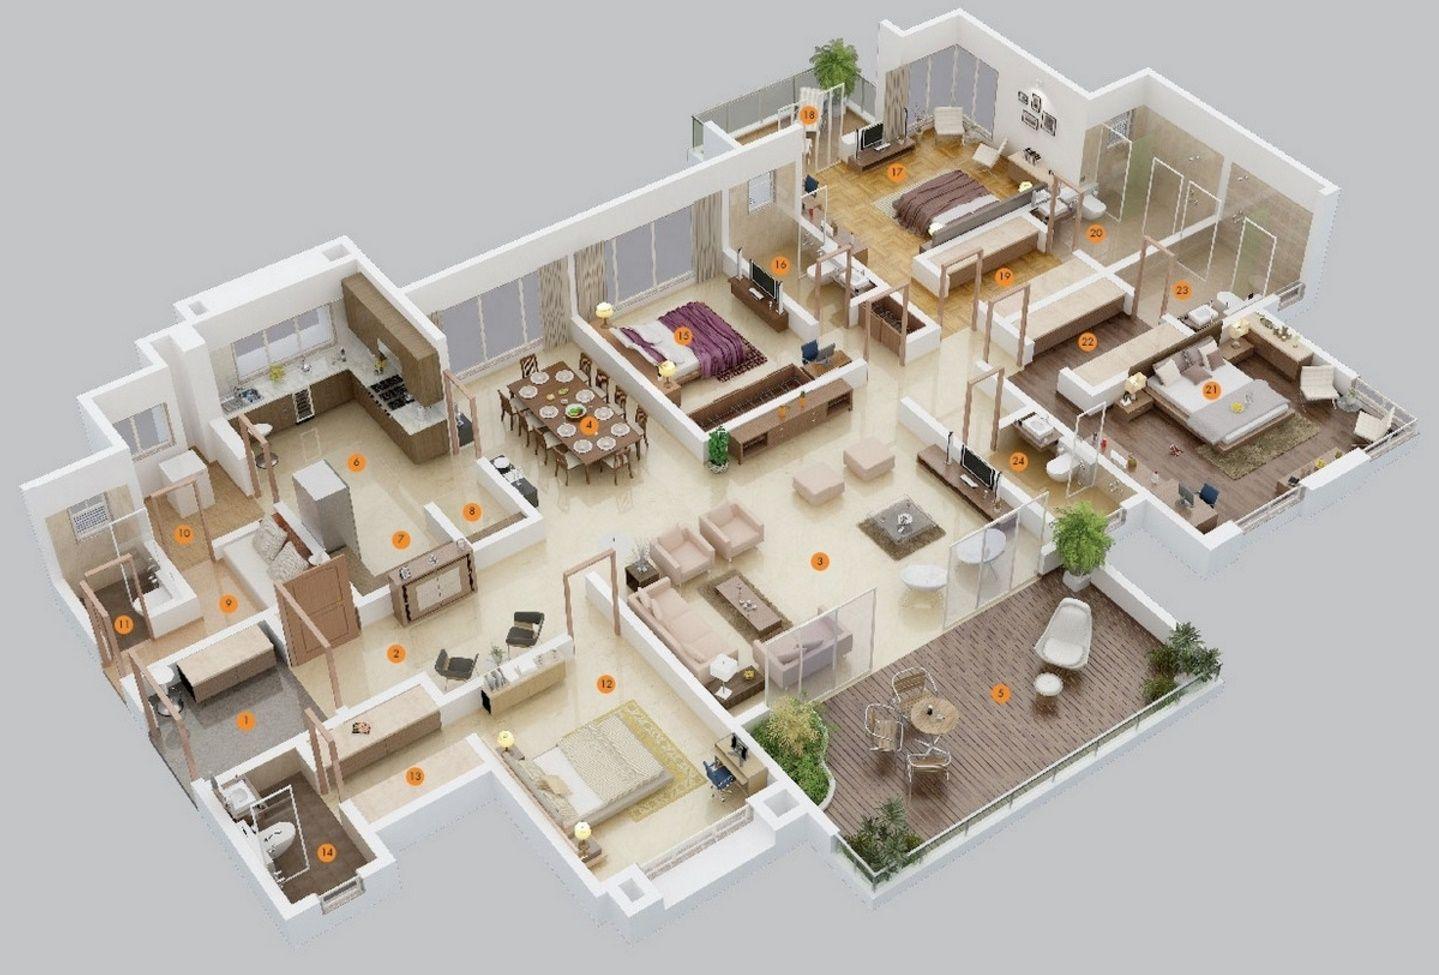 planos en 3d de casas modernas buscar con google - Planos De Casas Modernas